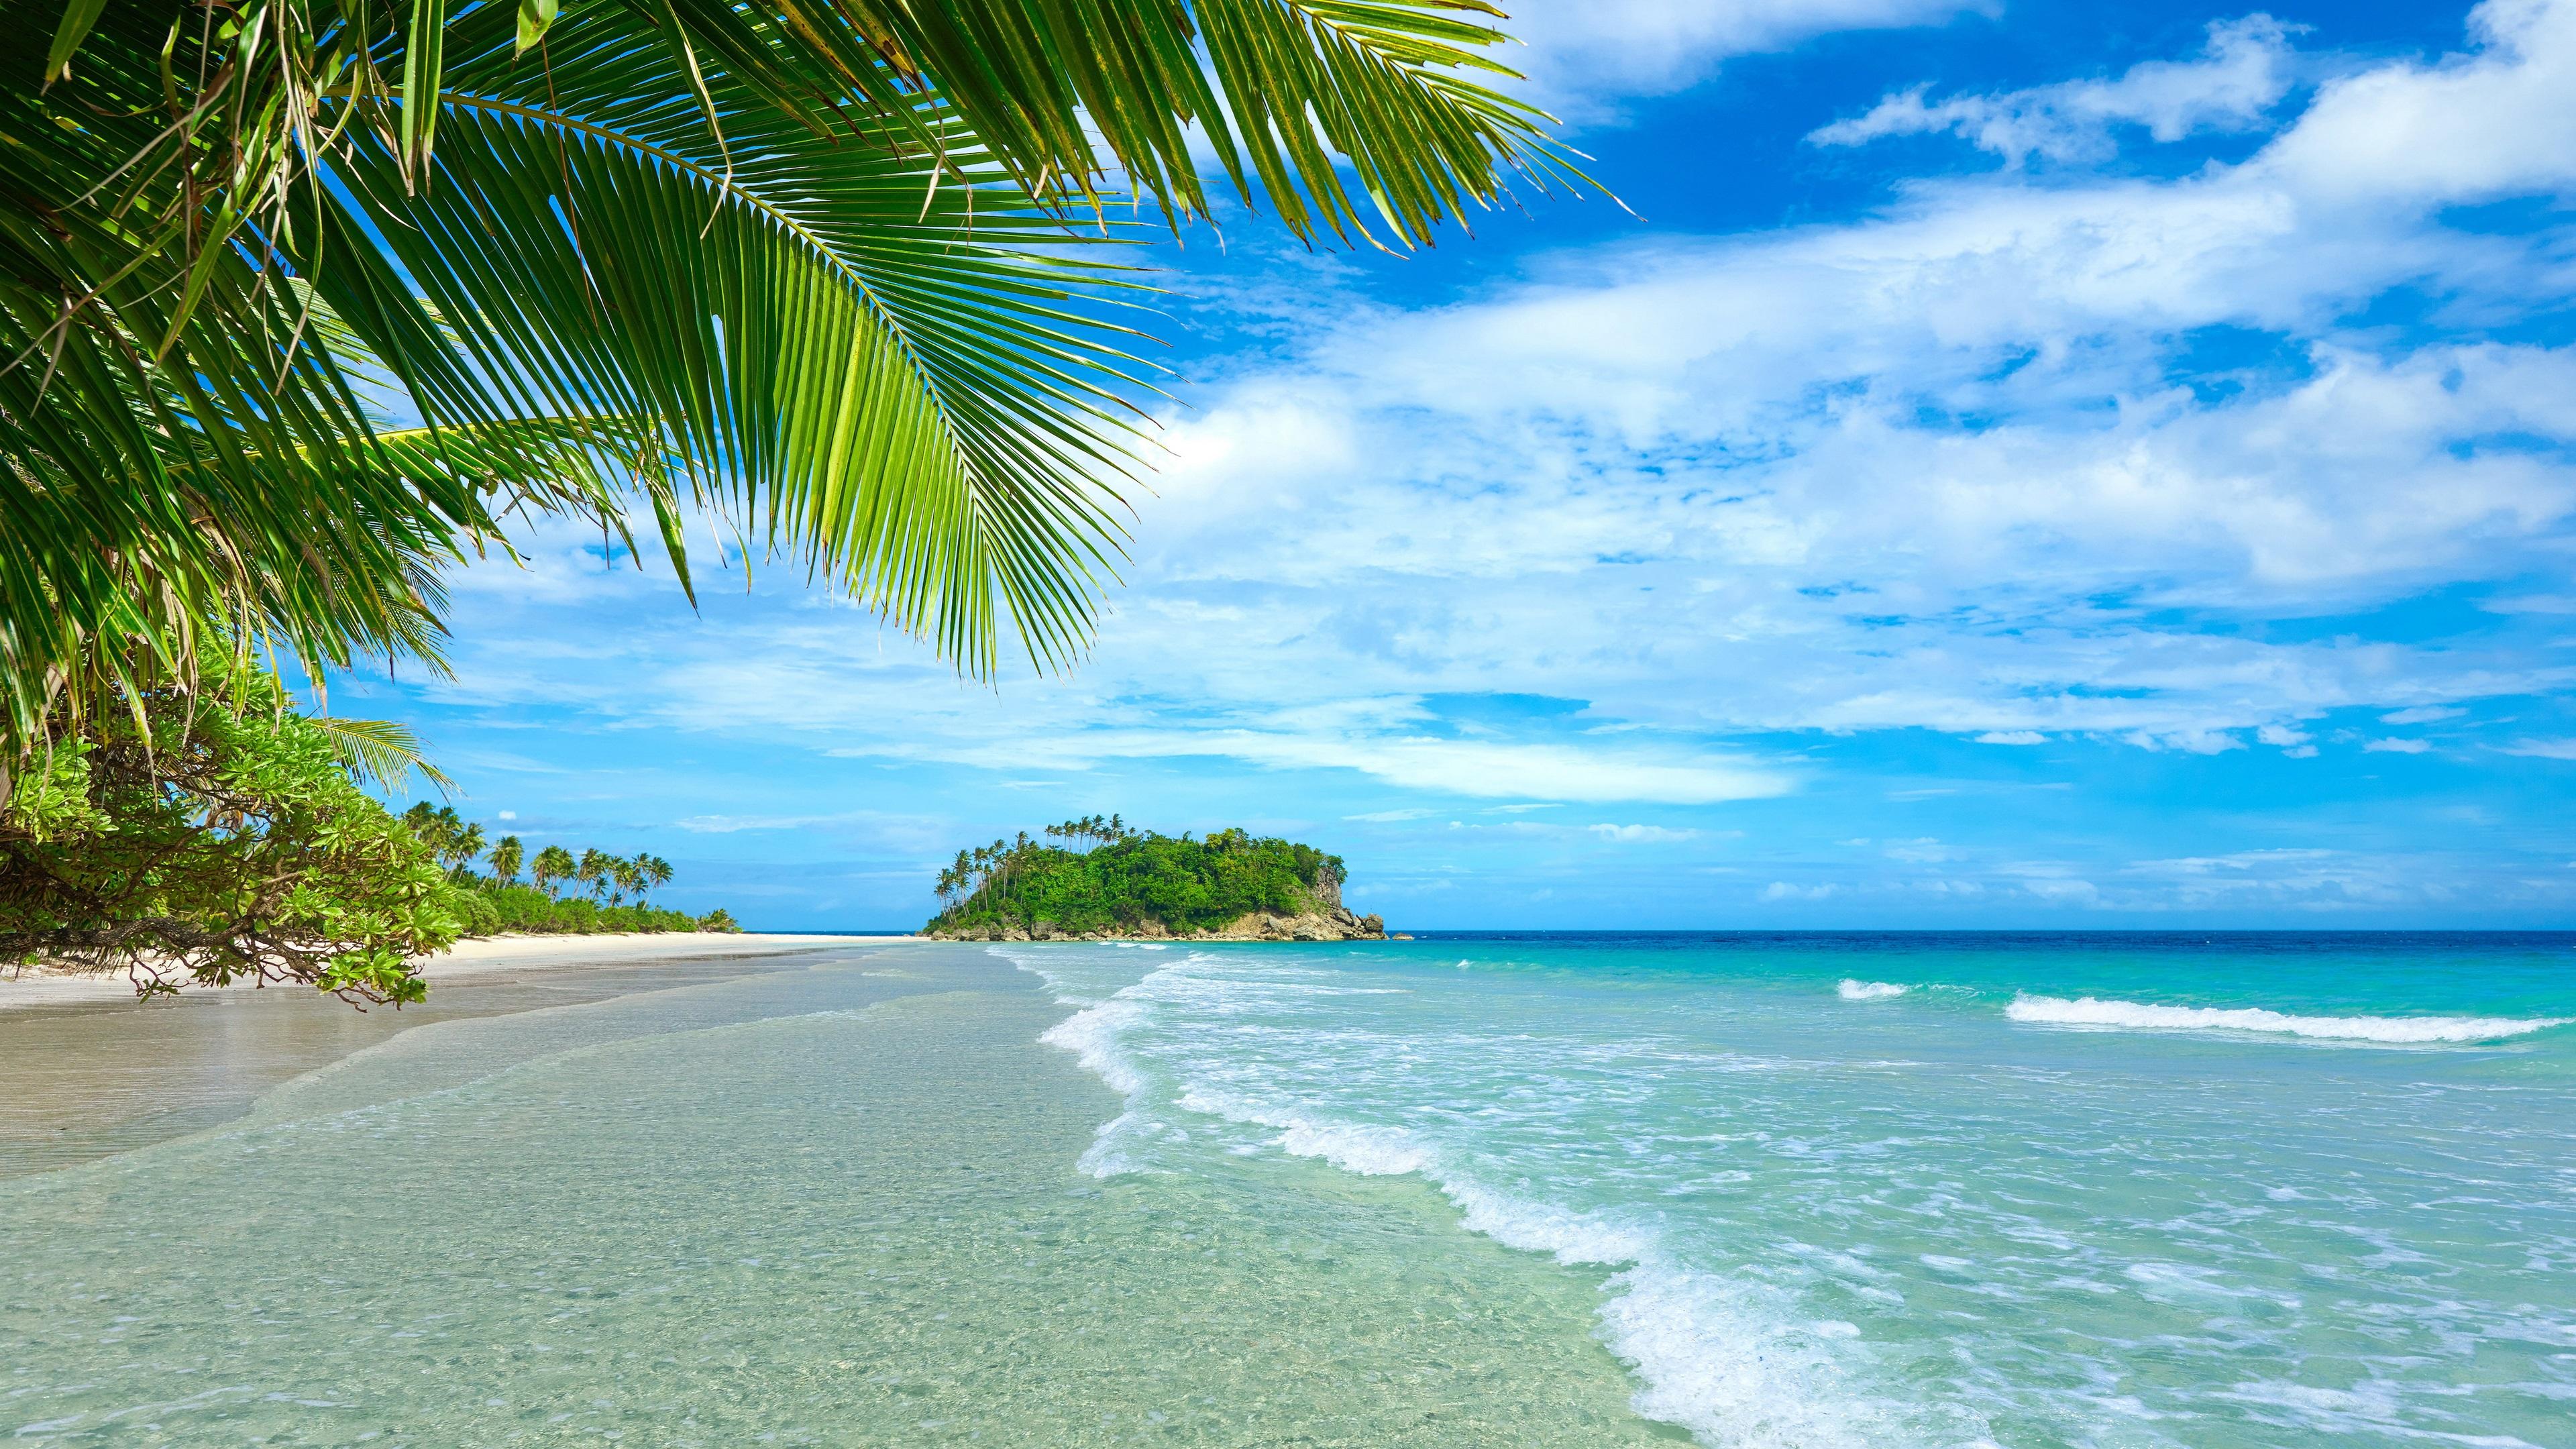 Fondos De Pantalla Mar Azul Y El Cielo, Playa, Costa